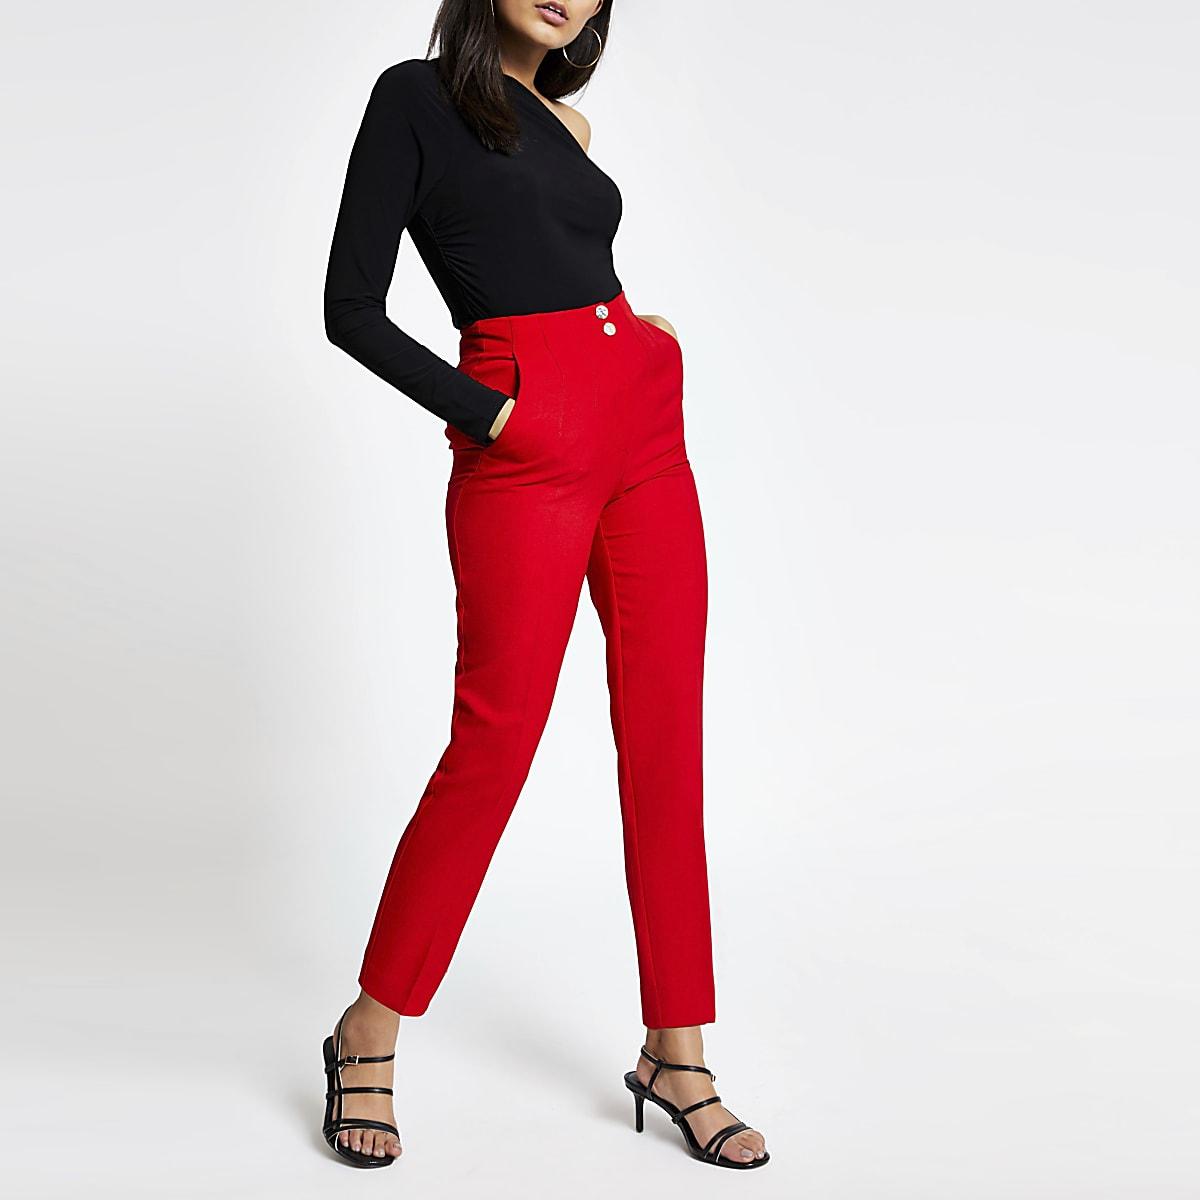 Rode broek met hoge taille en smalle pijpen tot de enkel